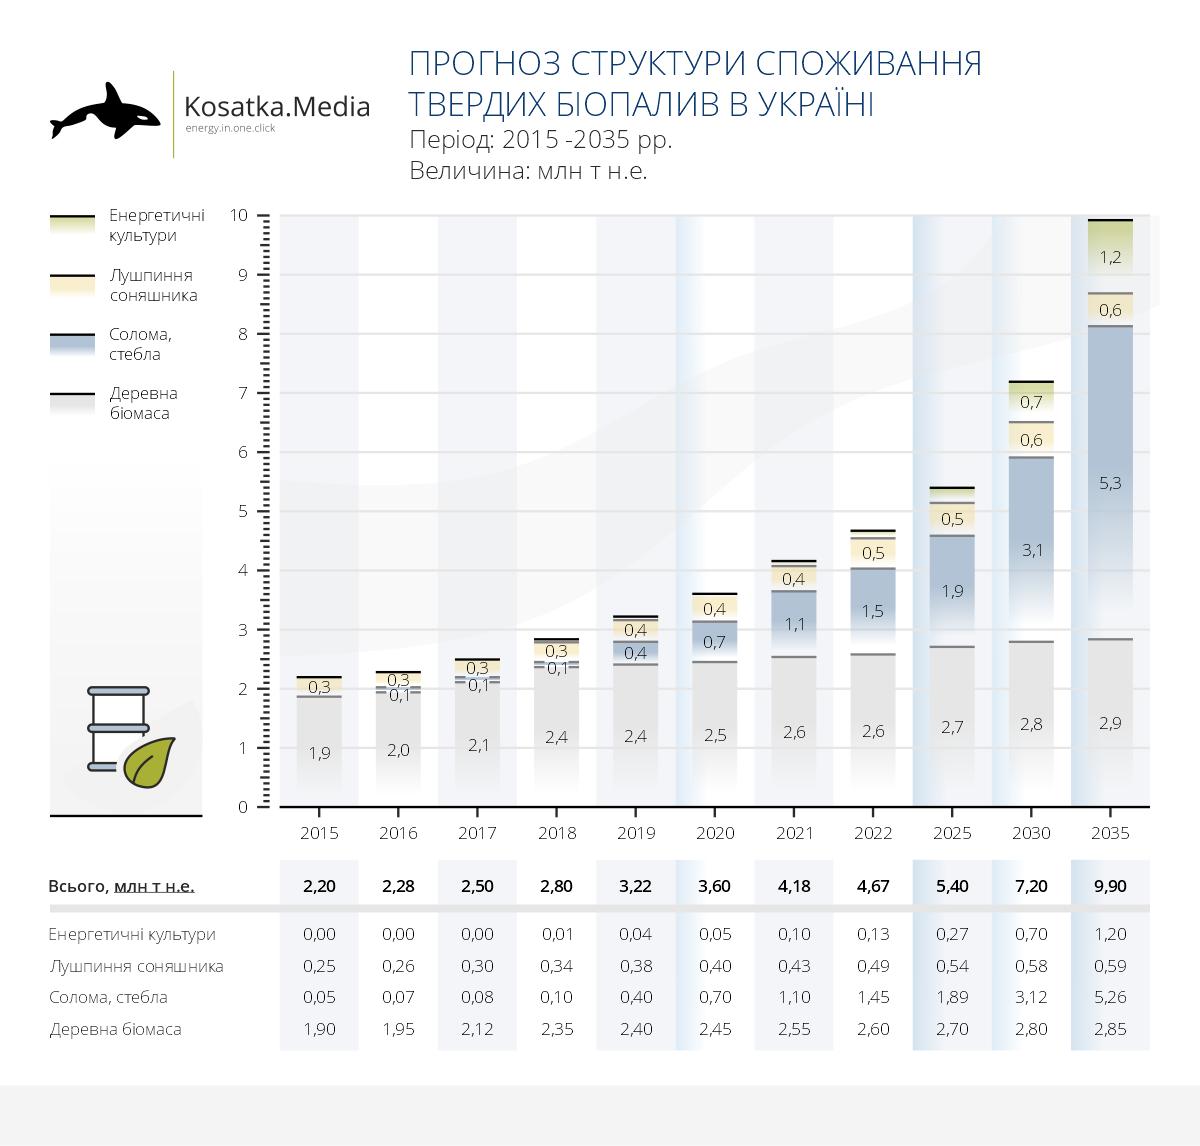 Україна може зменшити імпорт газу в 5 разів через 15 років